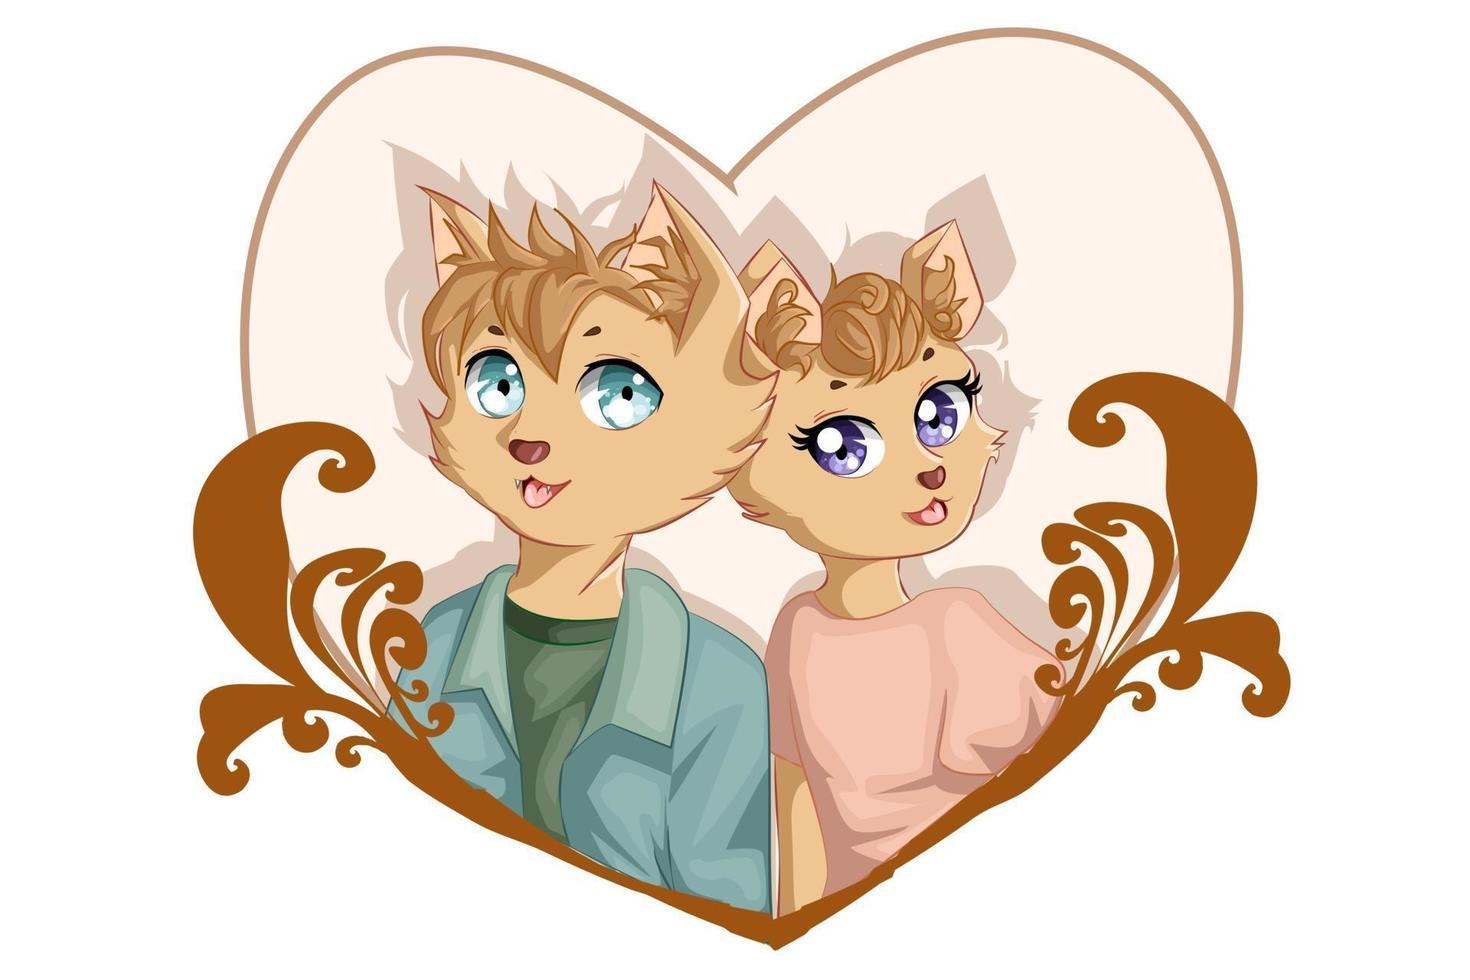 Illustration von Jungen und Mädchen braune Katze Geschwister Tierfiguren vektor